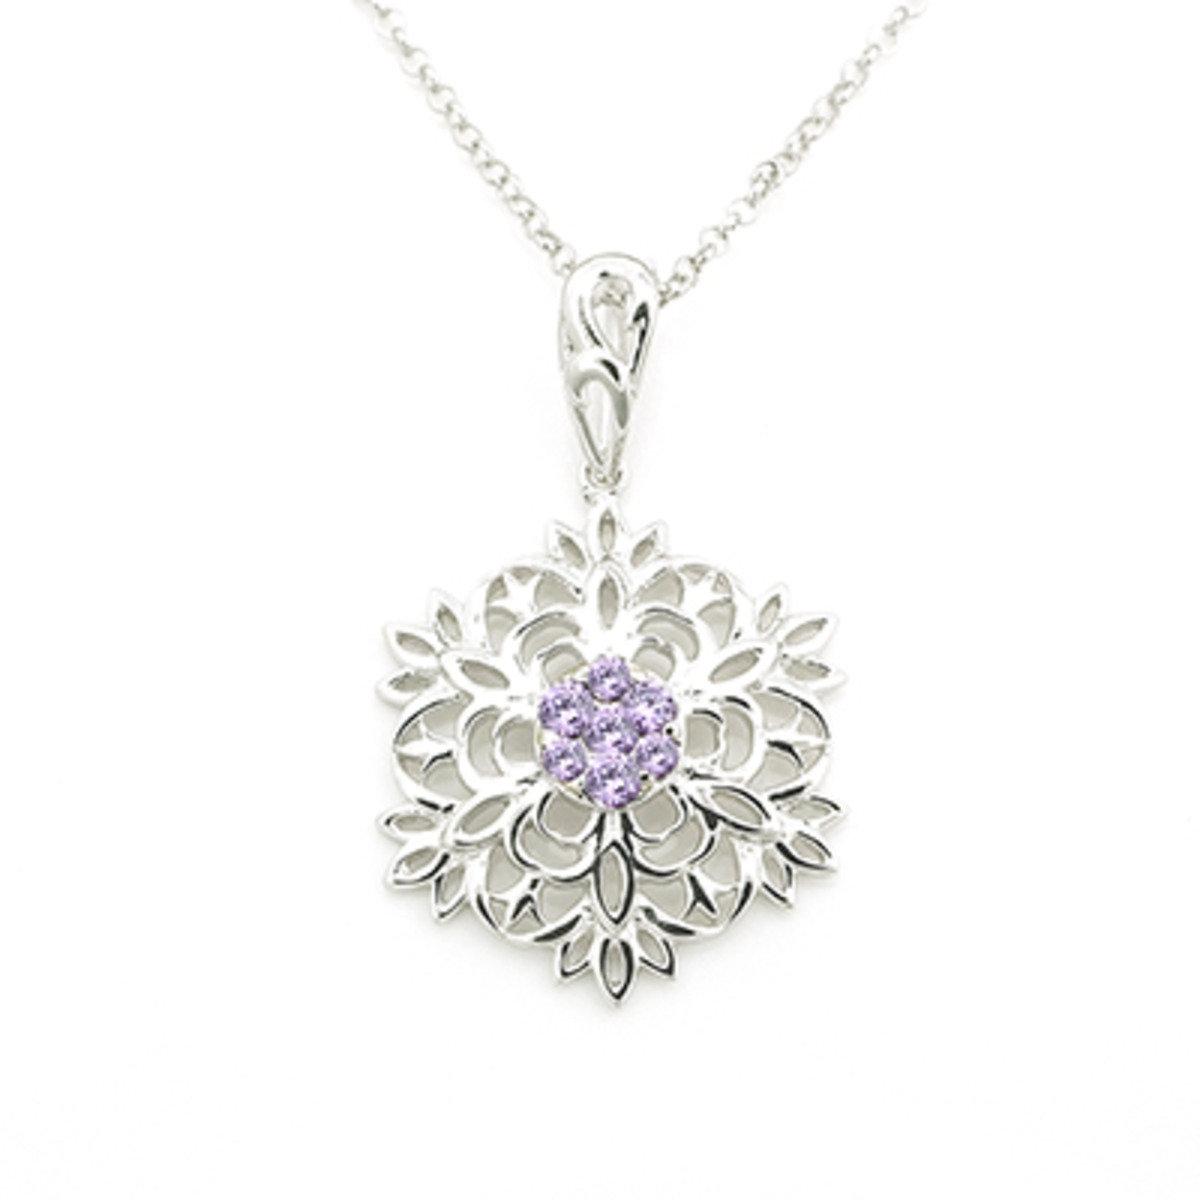 紫色鋯石雪花項鏈 (22 吋) - 925 純銀